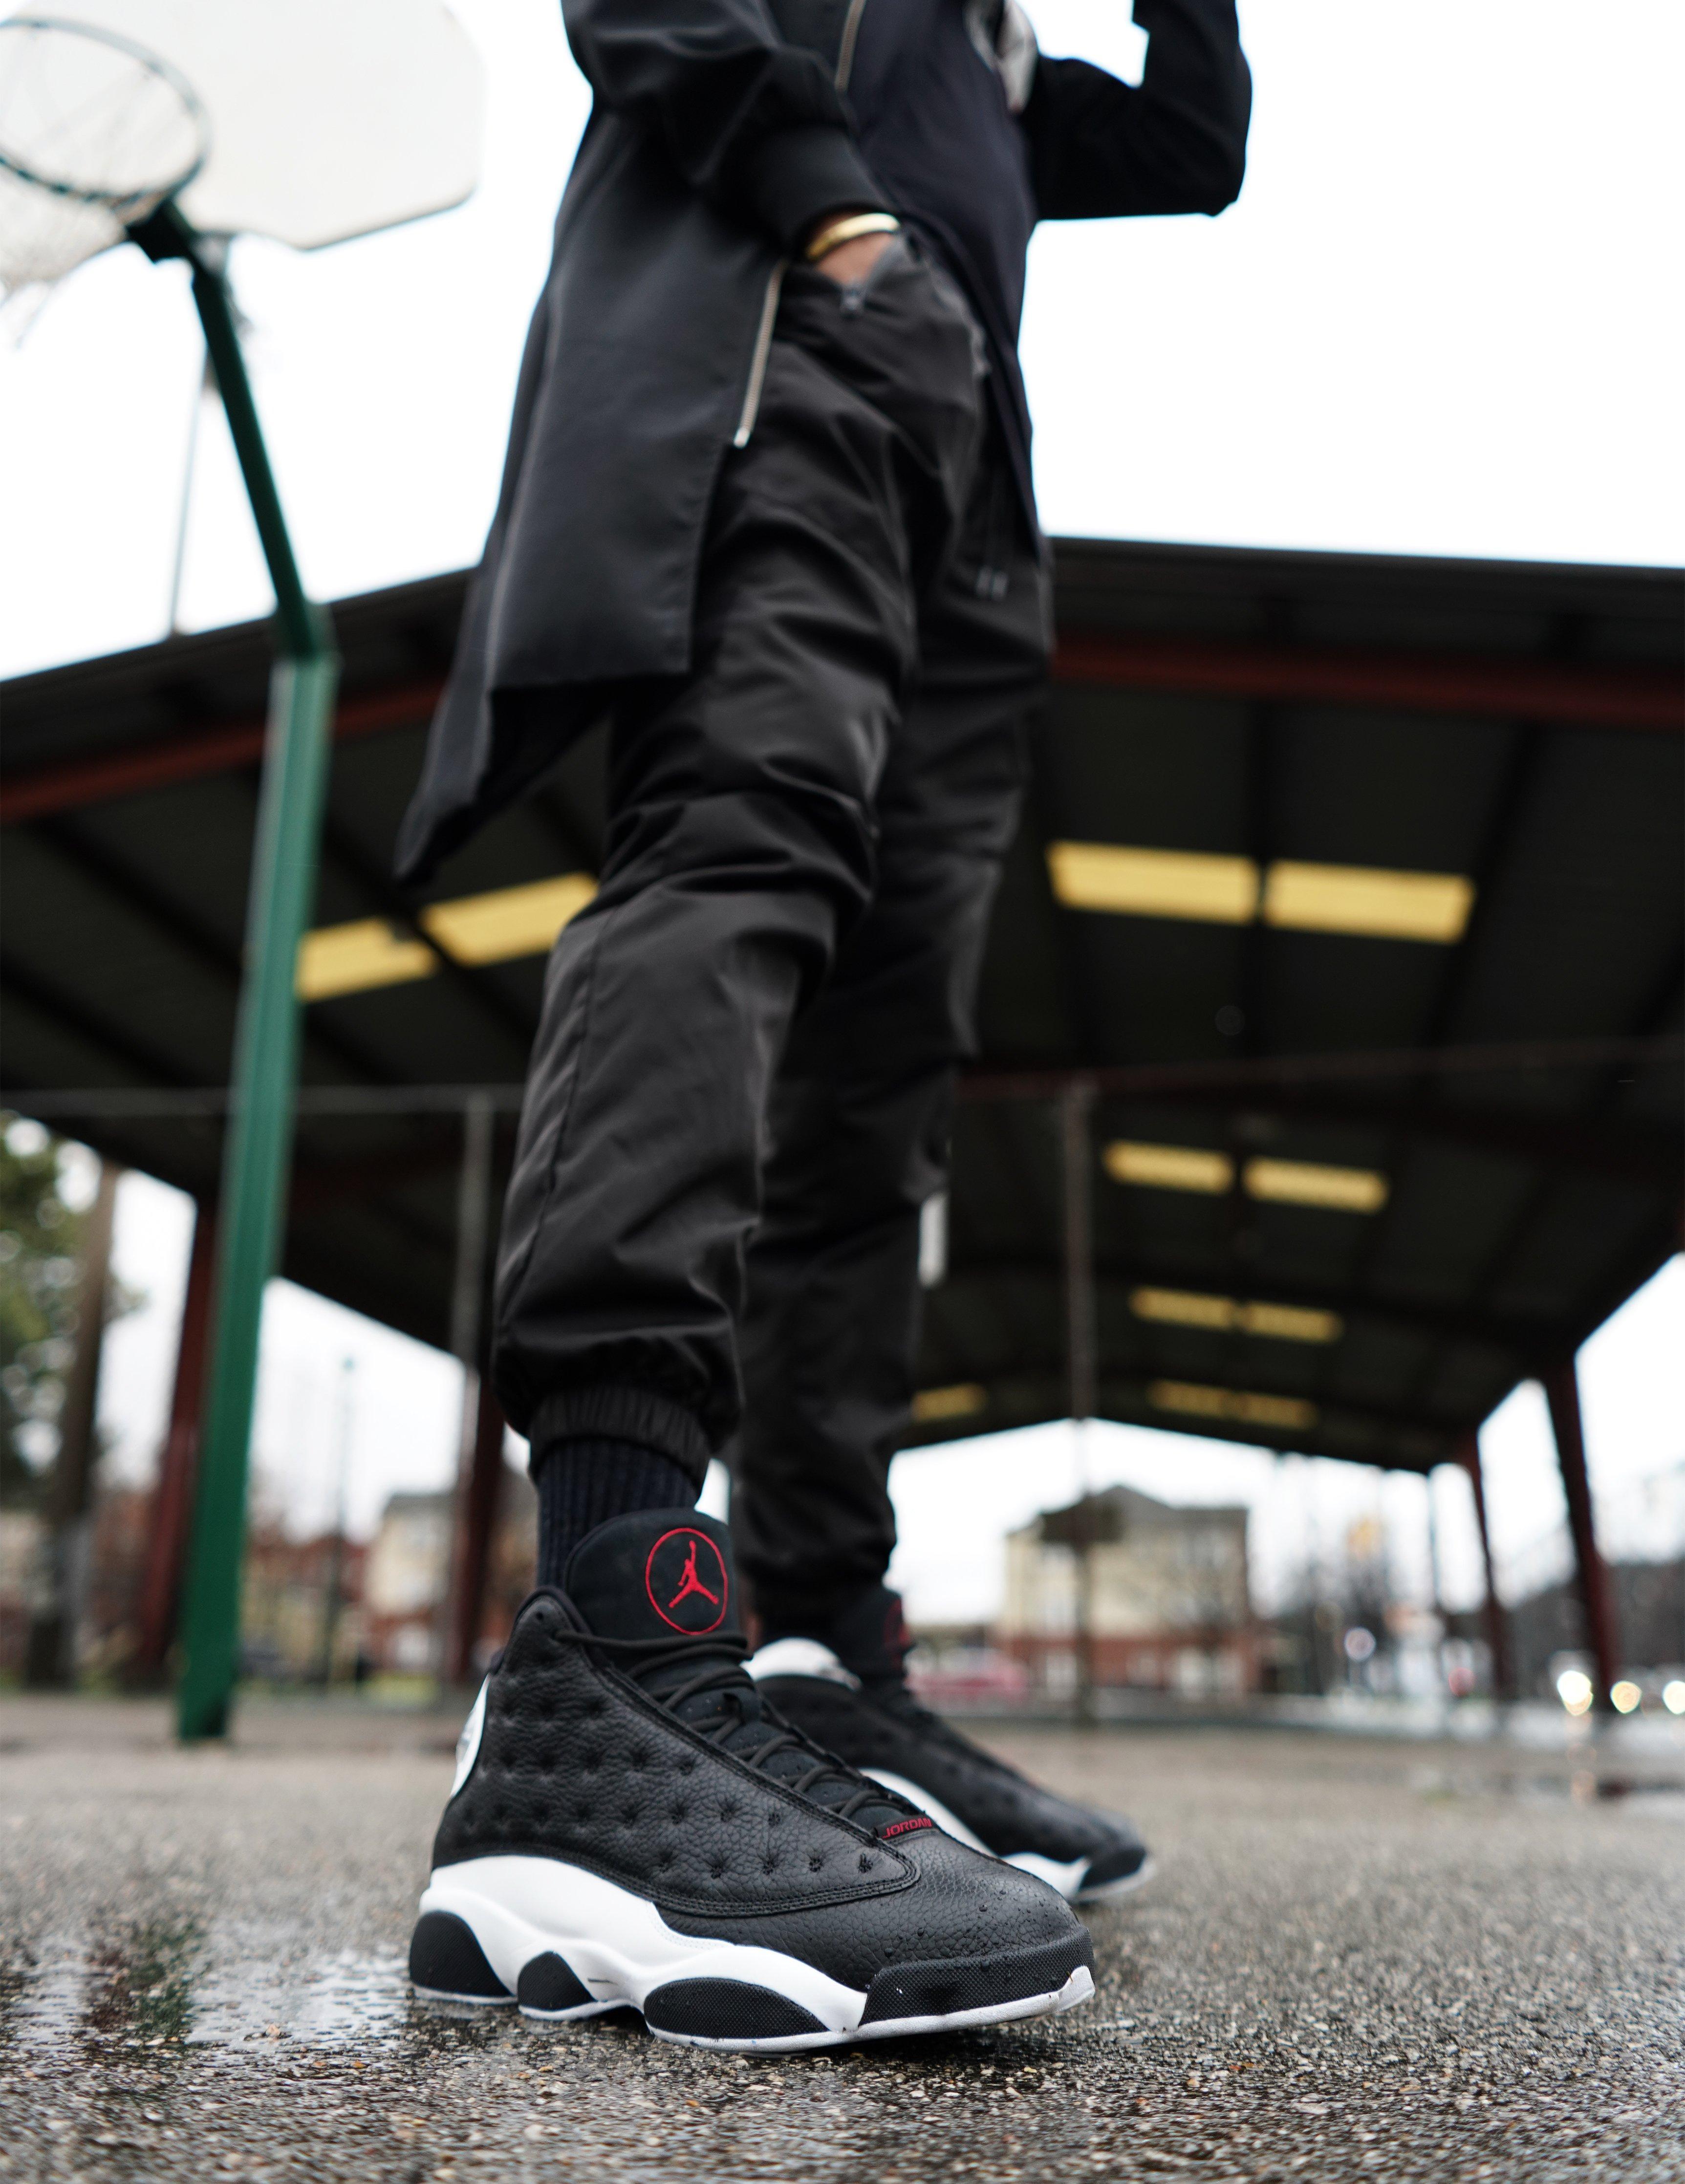 """función Cesta Rápido  Sneakers Release – Air Jordan Retro 13 """"Reverse He Got Game"""" Black/Gym  Red/White Basketball Shoe"""